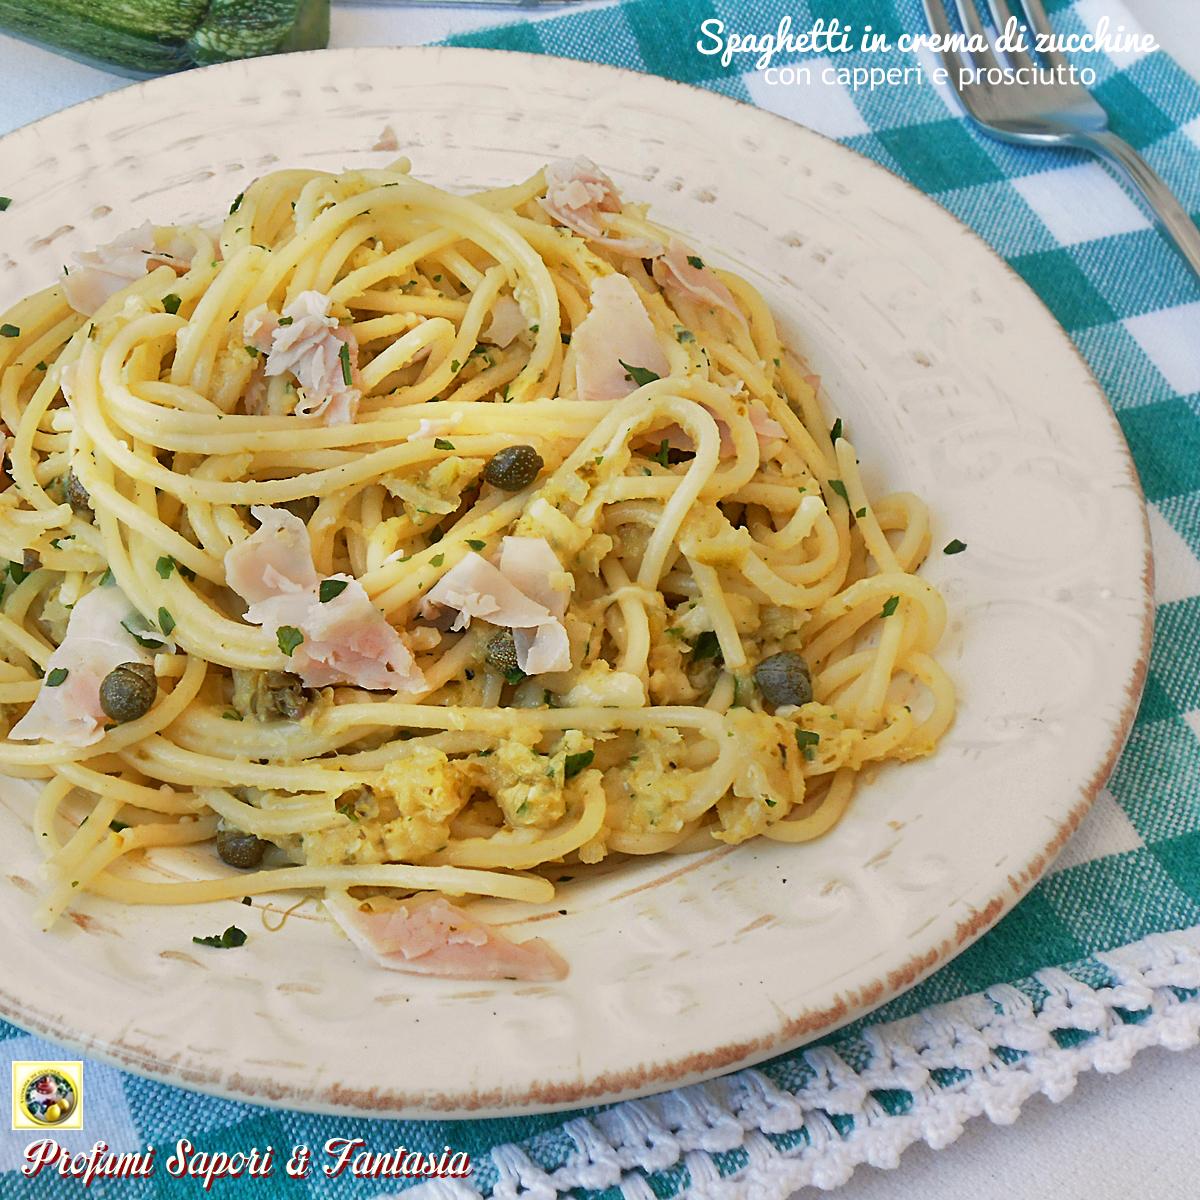 Spaghetti in crema di zucchine con capperi e prosciutto grande